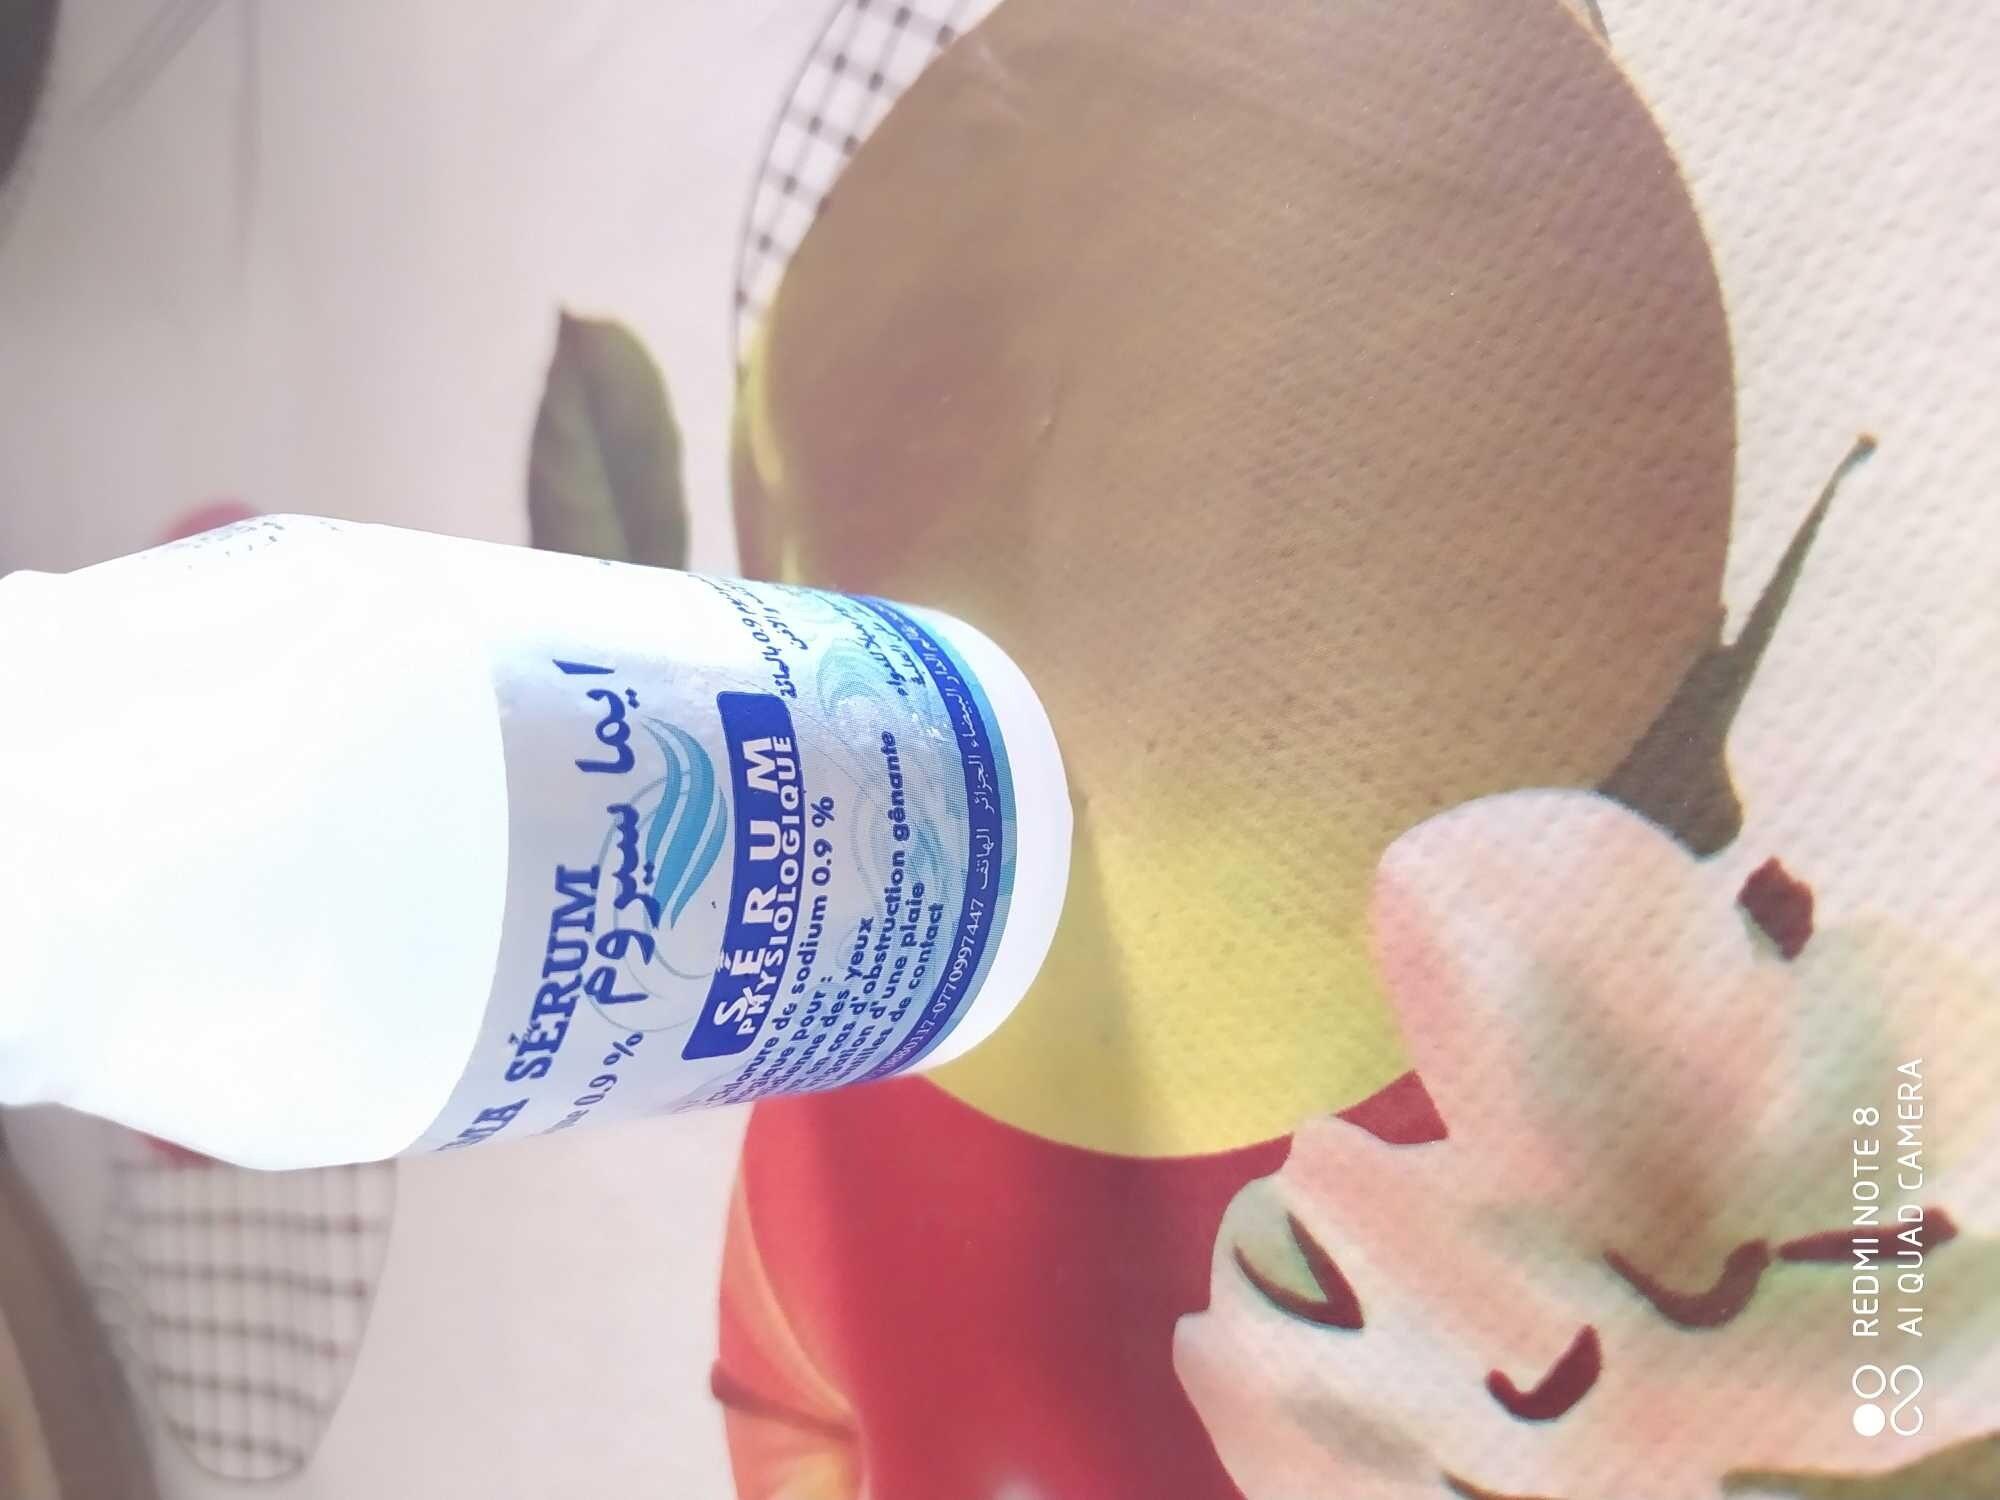 ايماسيروم - Product - ar